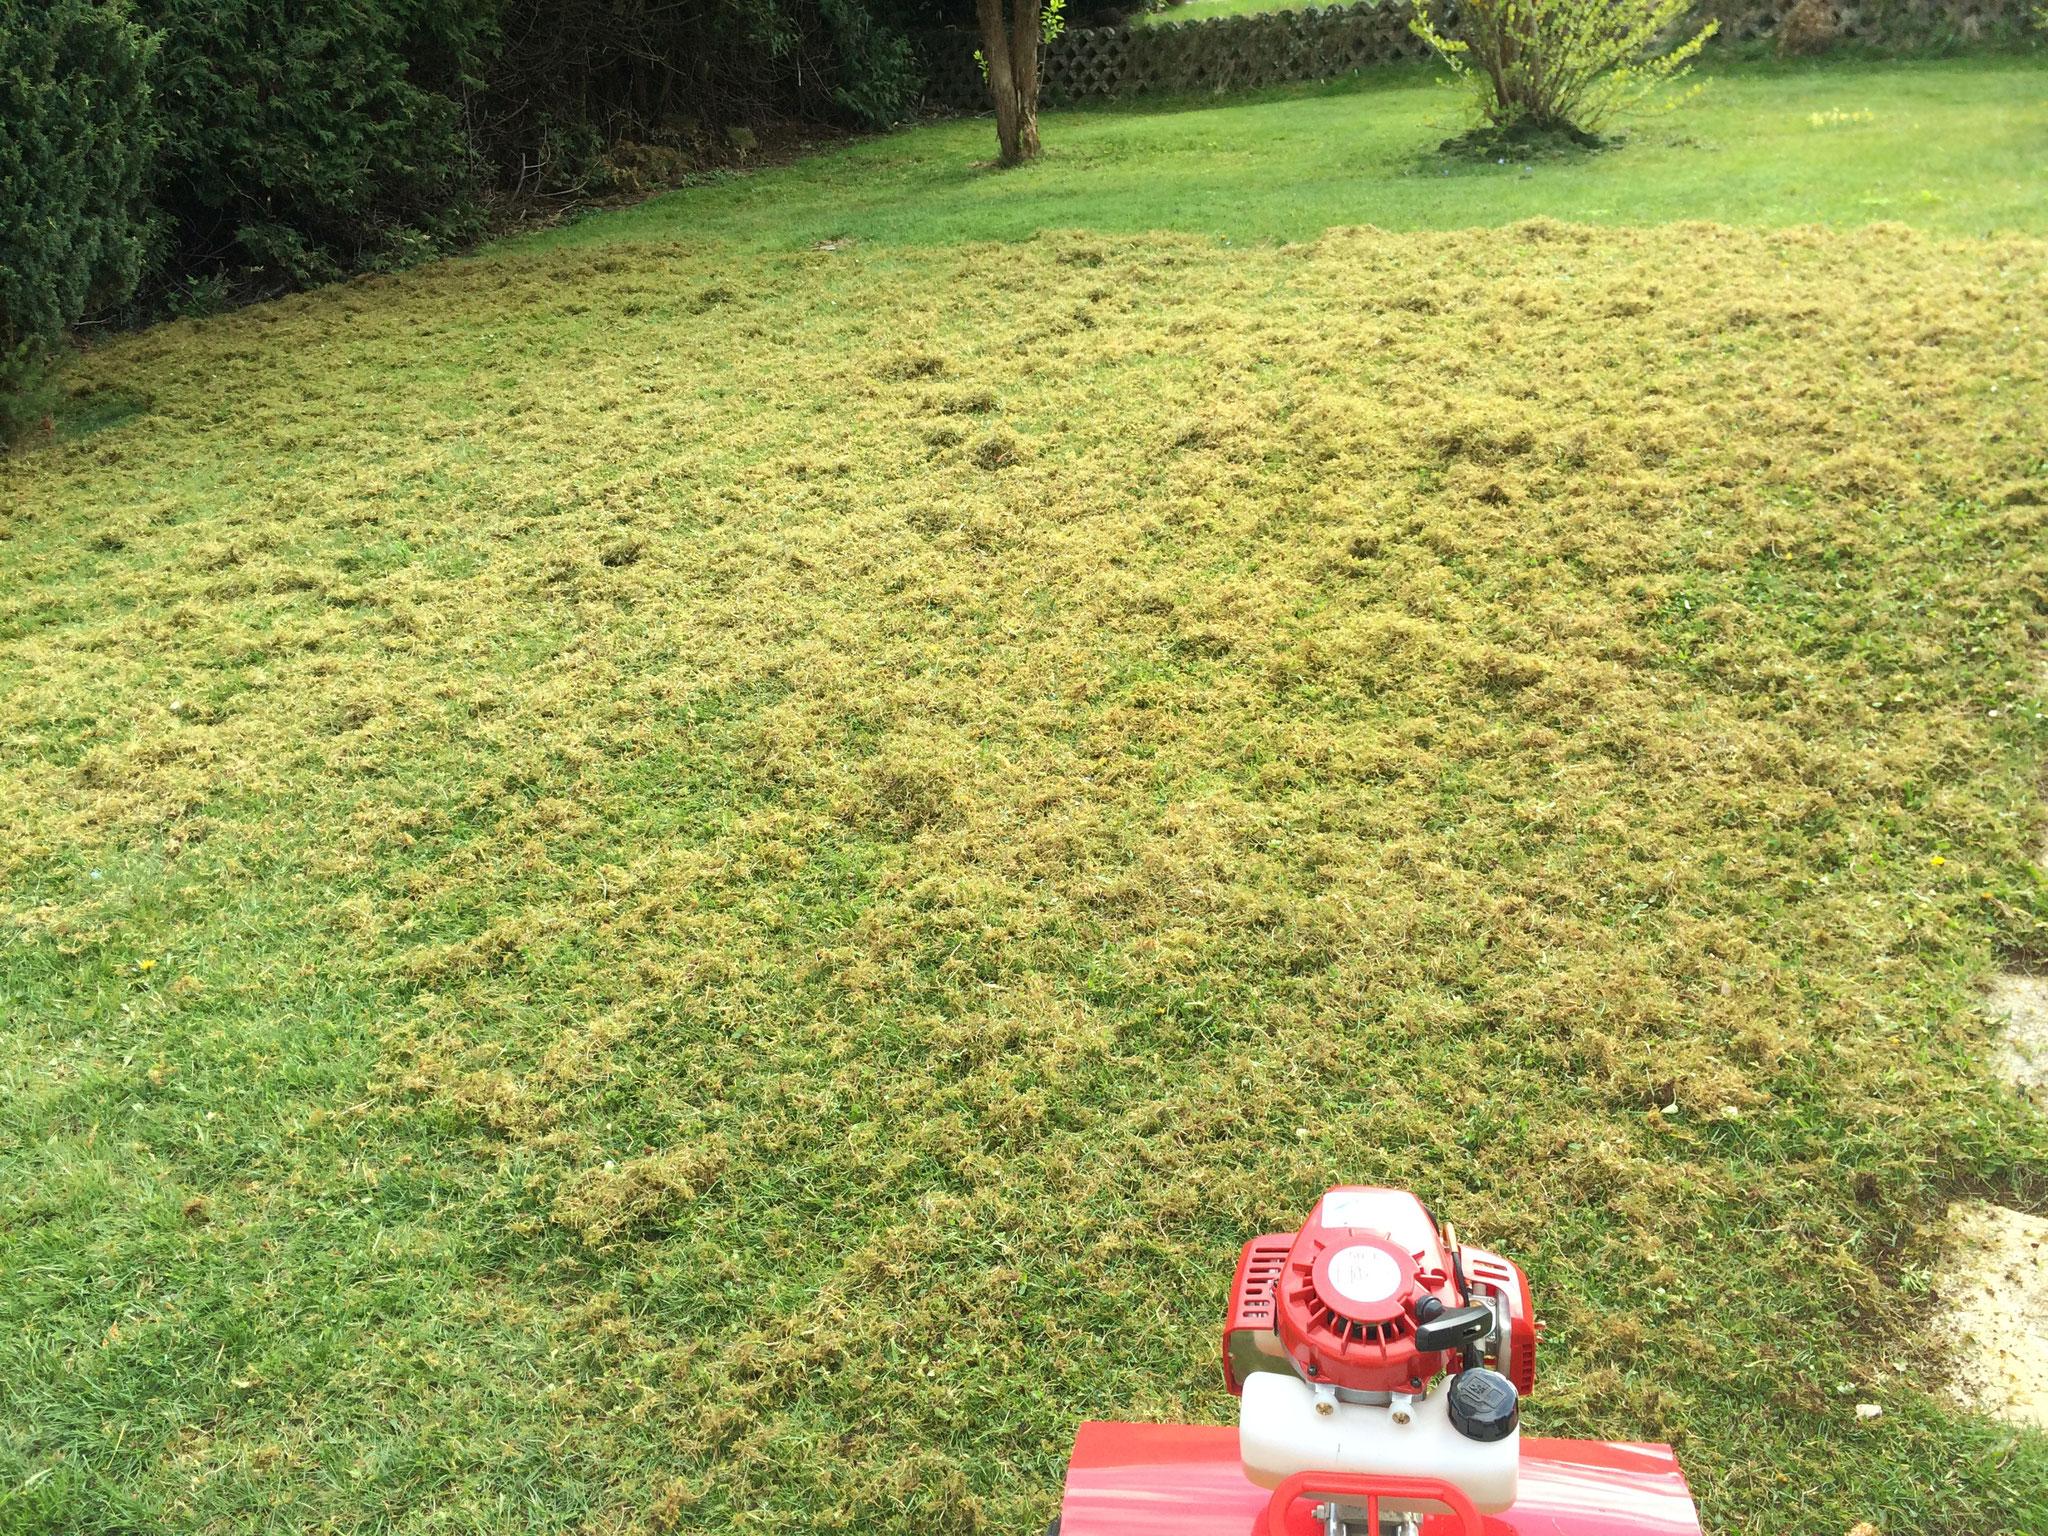 Rasen vertikutiert - Moos muss nun entfernt werden